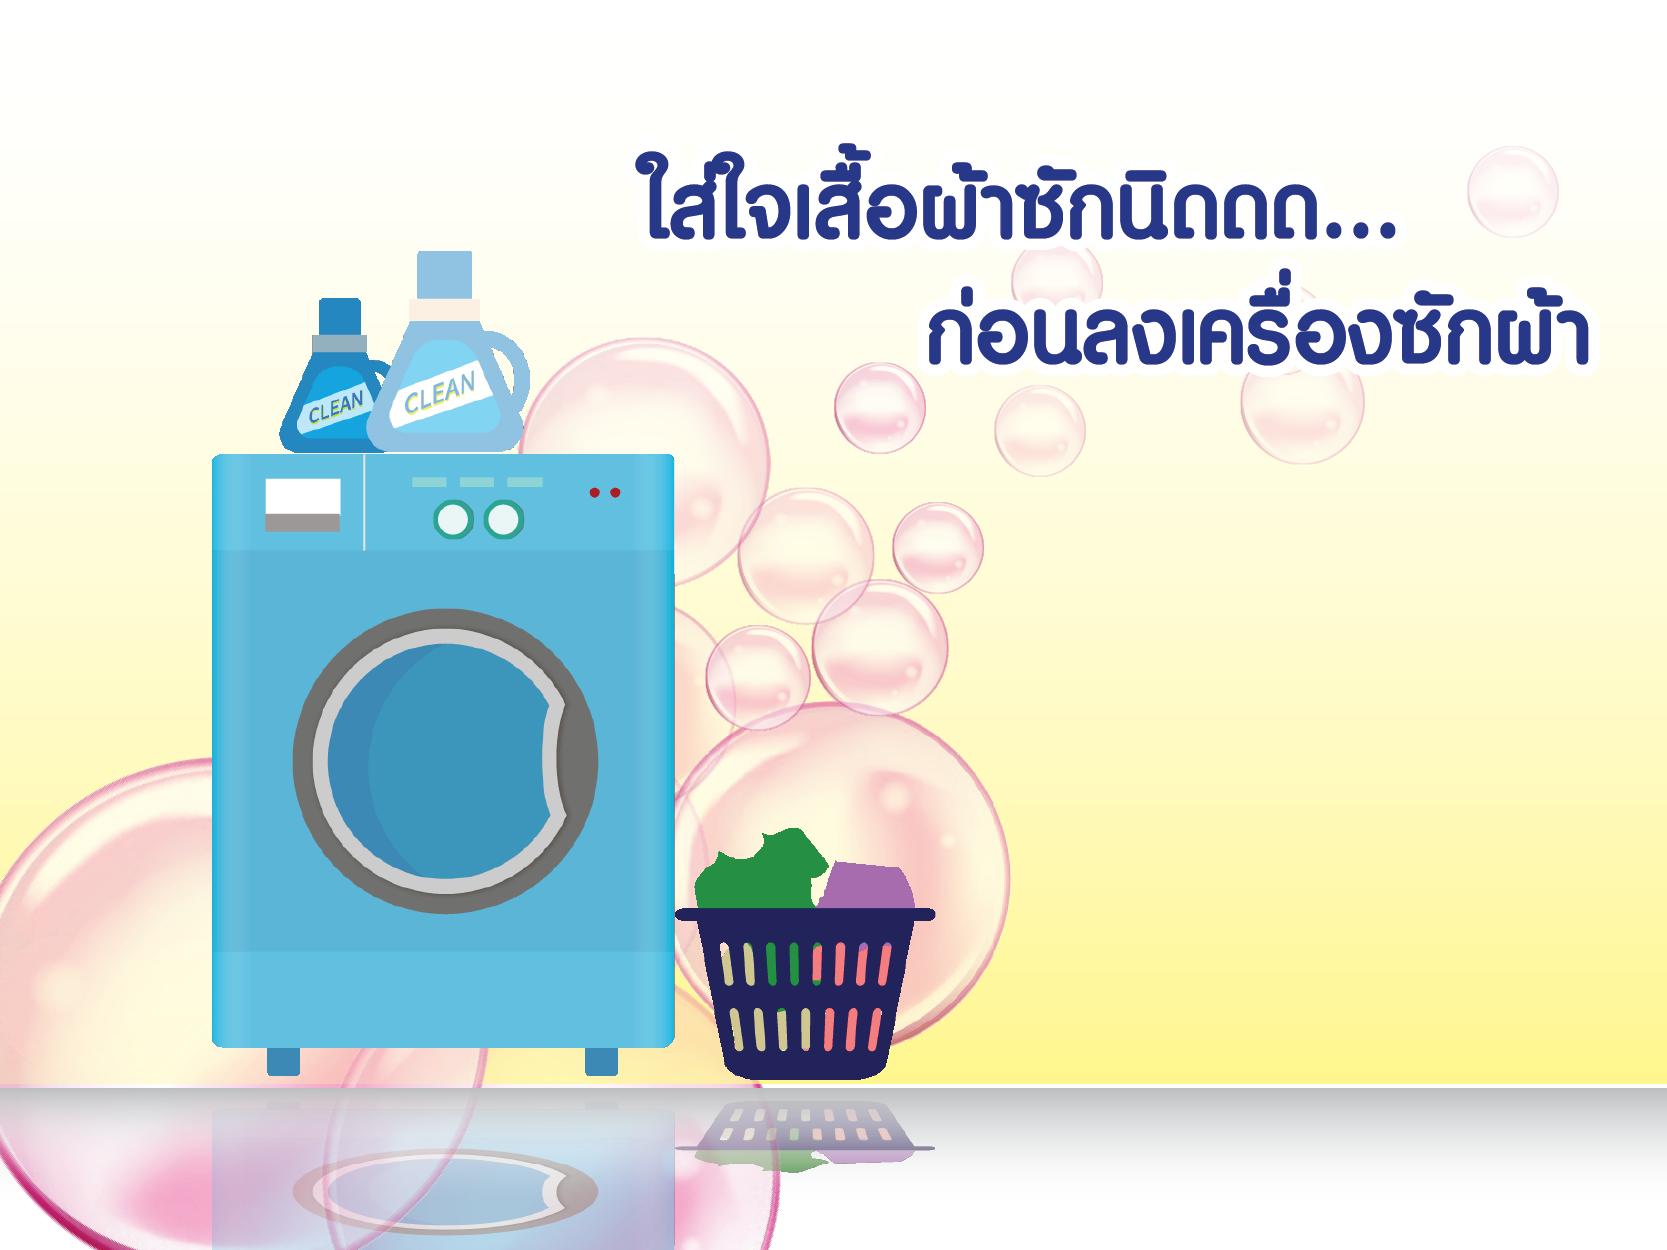 ใส่ใจเสื้อผ้าก่อนลงเครื่องซักผ้า